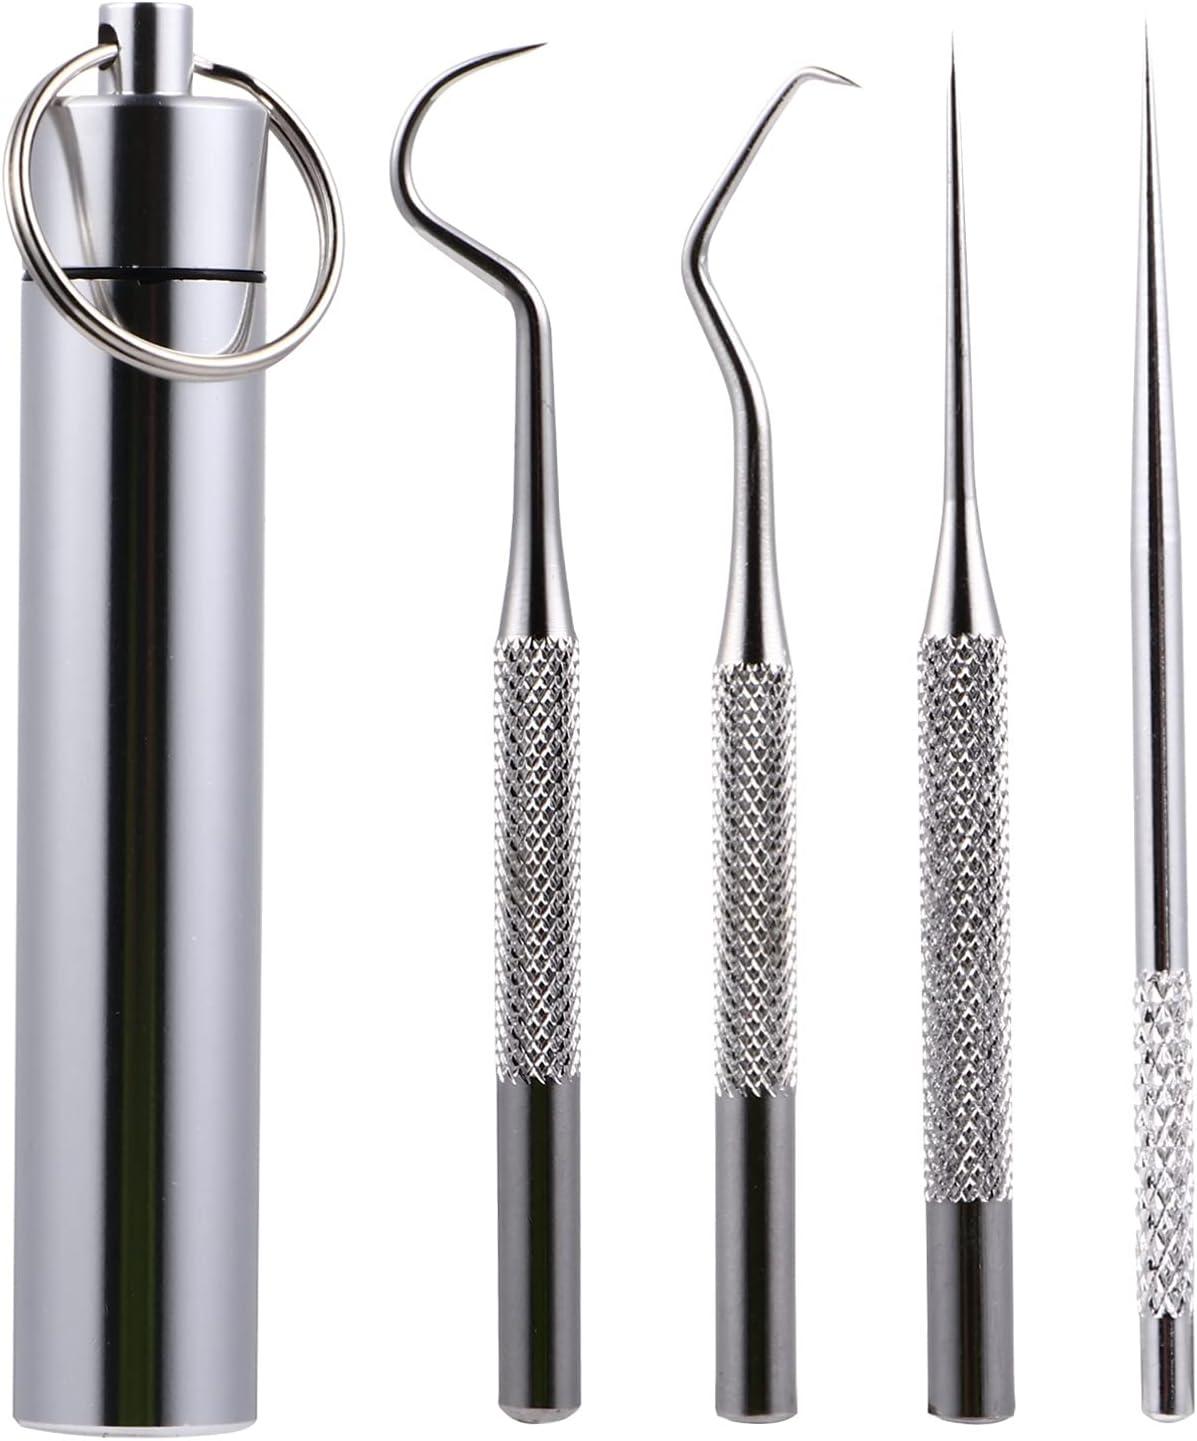 Hemoton Herramientas Dentales de Acero Inoxidable Herramientas de Limpieza de Dientes Reutilizables con Soporte de Almacenamiento Palillo de Dientes de Viaje Raspador de Tarter Dental